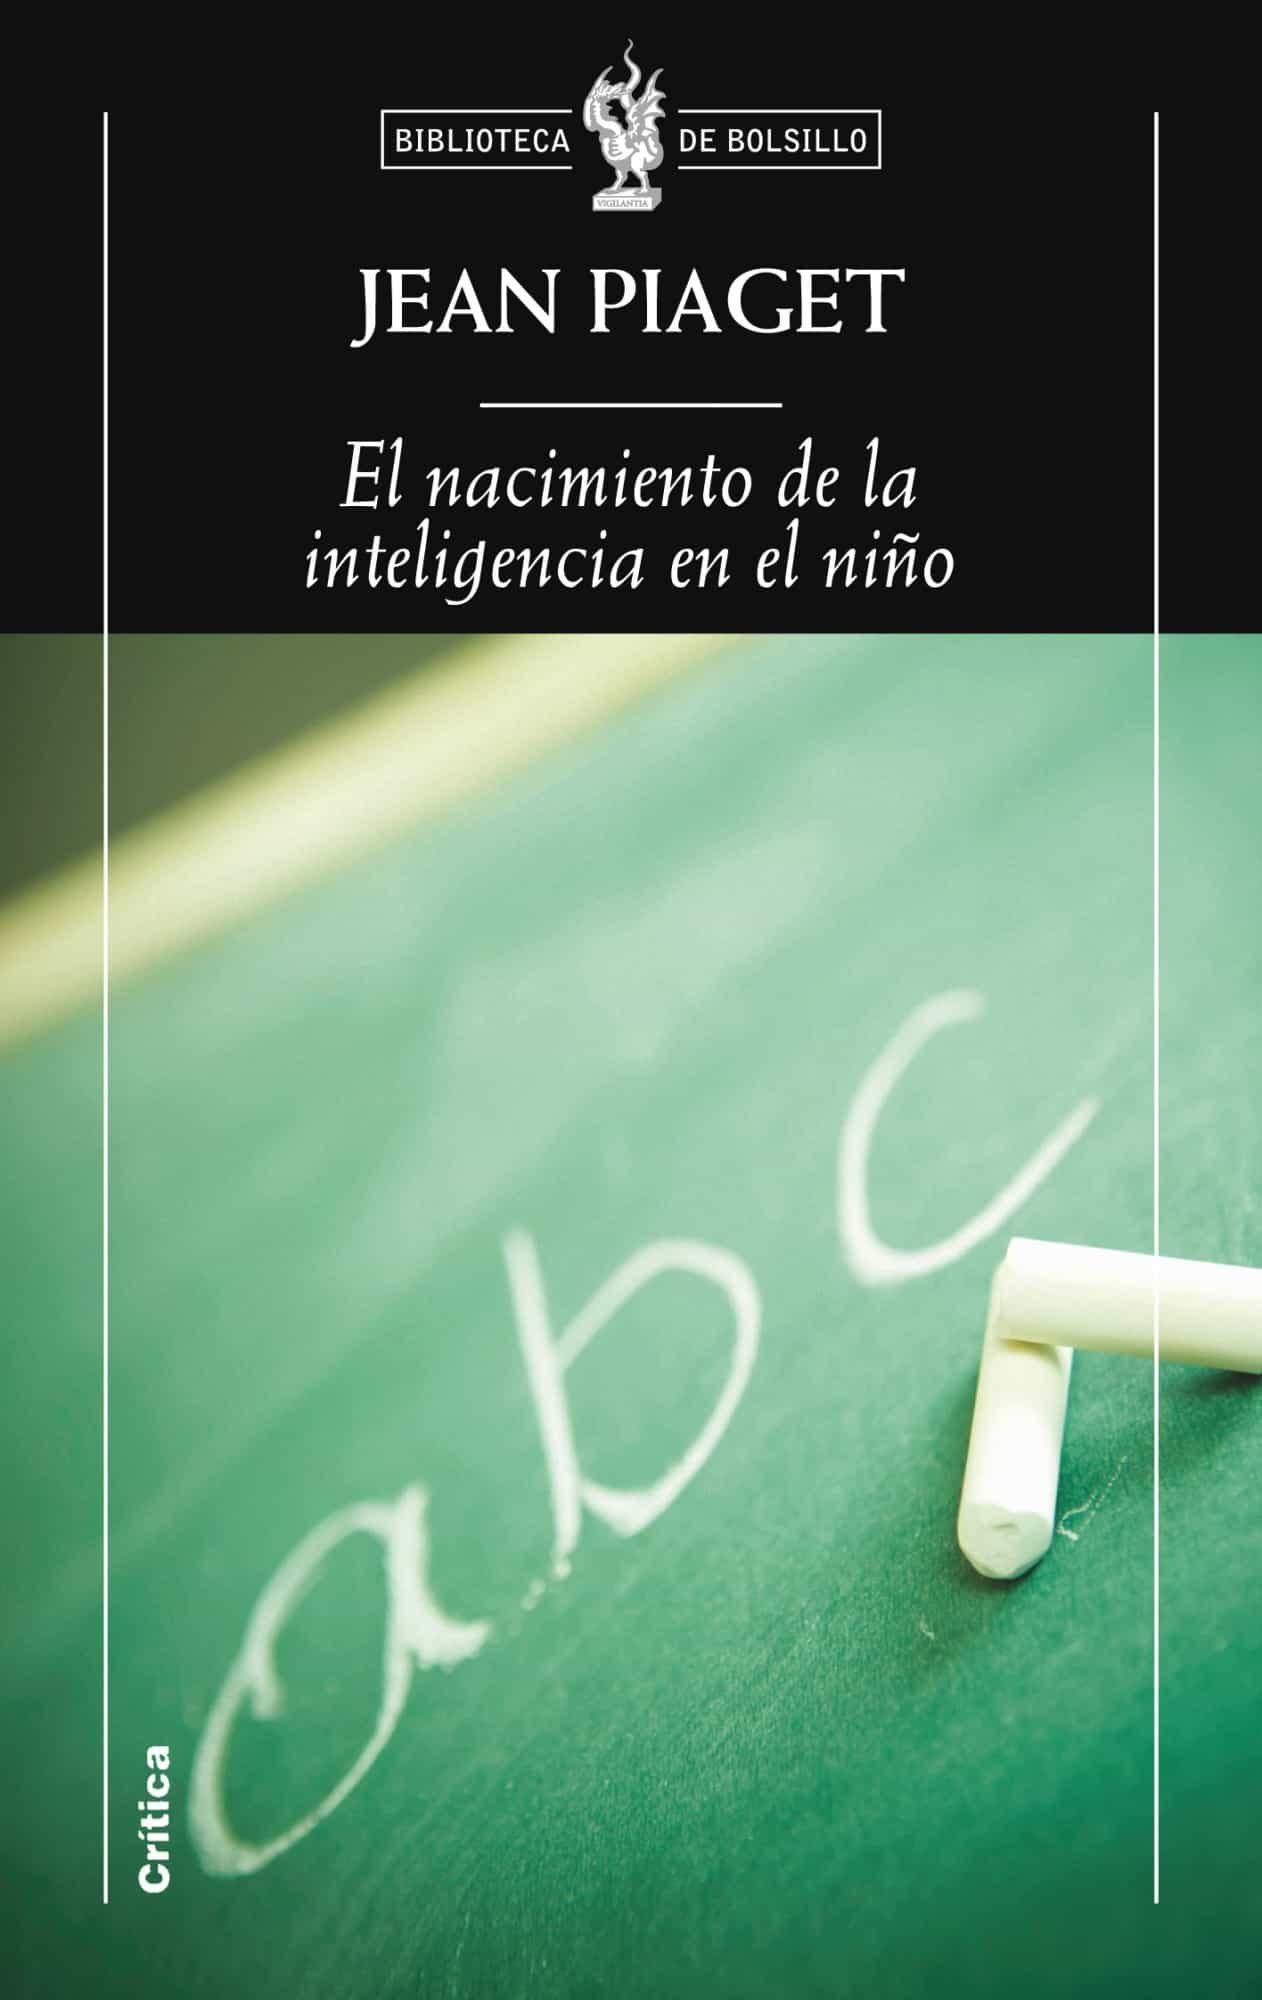 7e93478df06 el nacimiento de la inteligencia en el niño-jean piaget-9788498922271